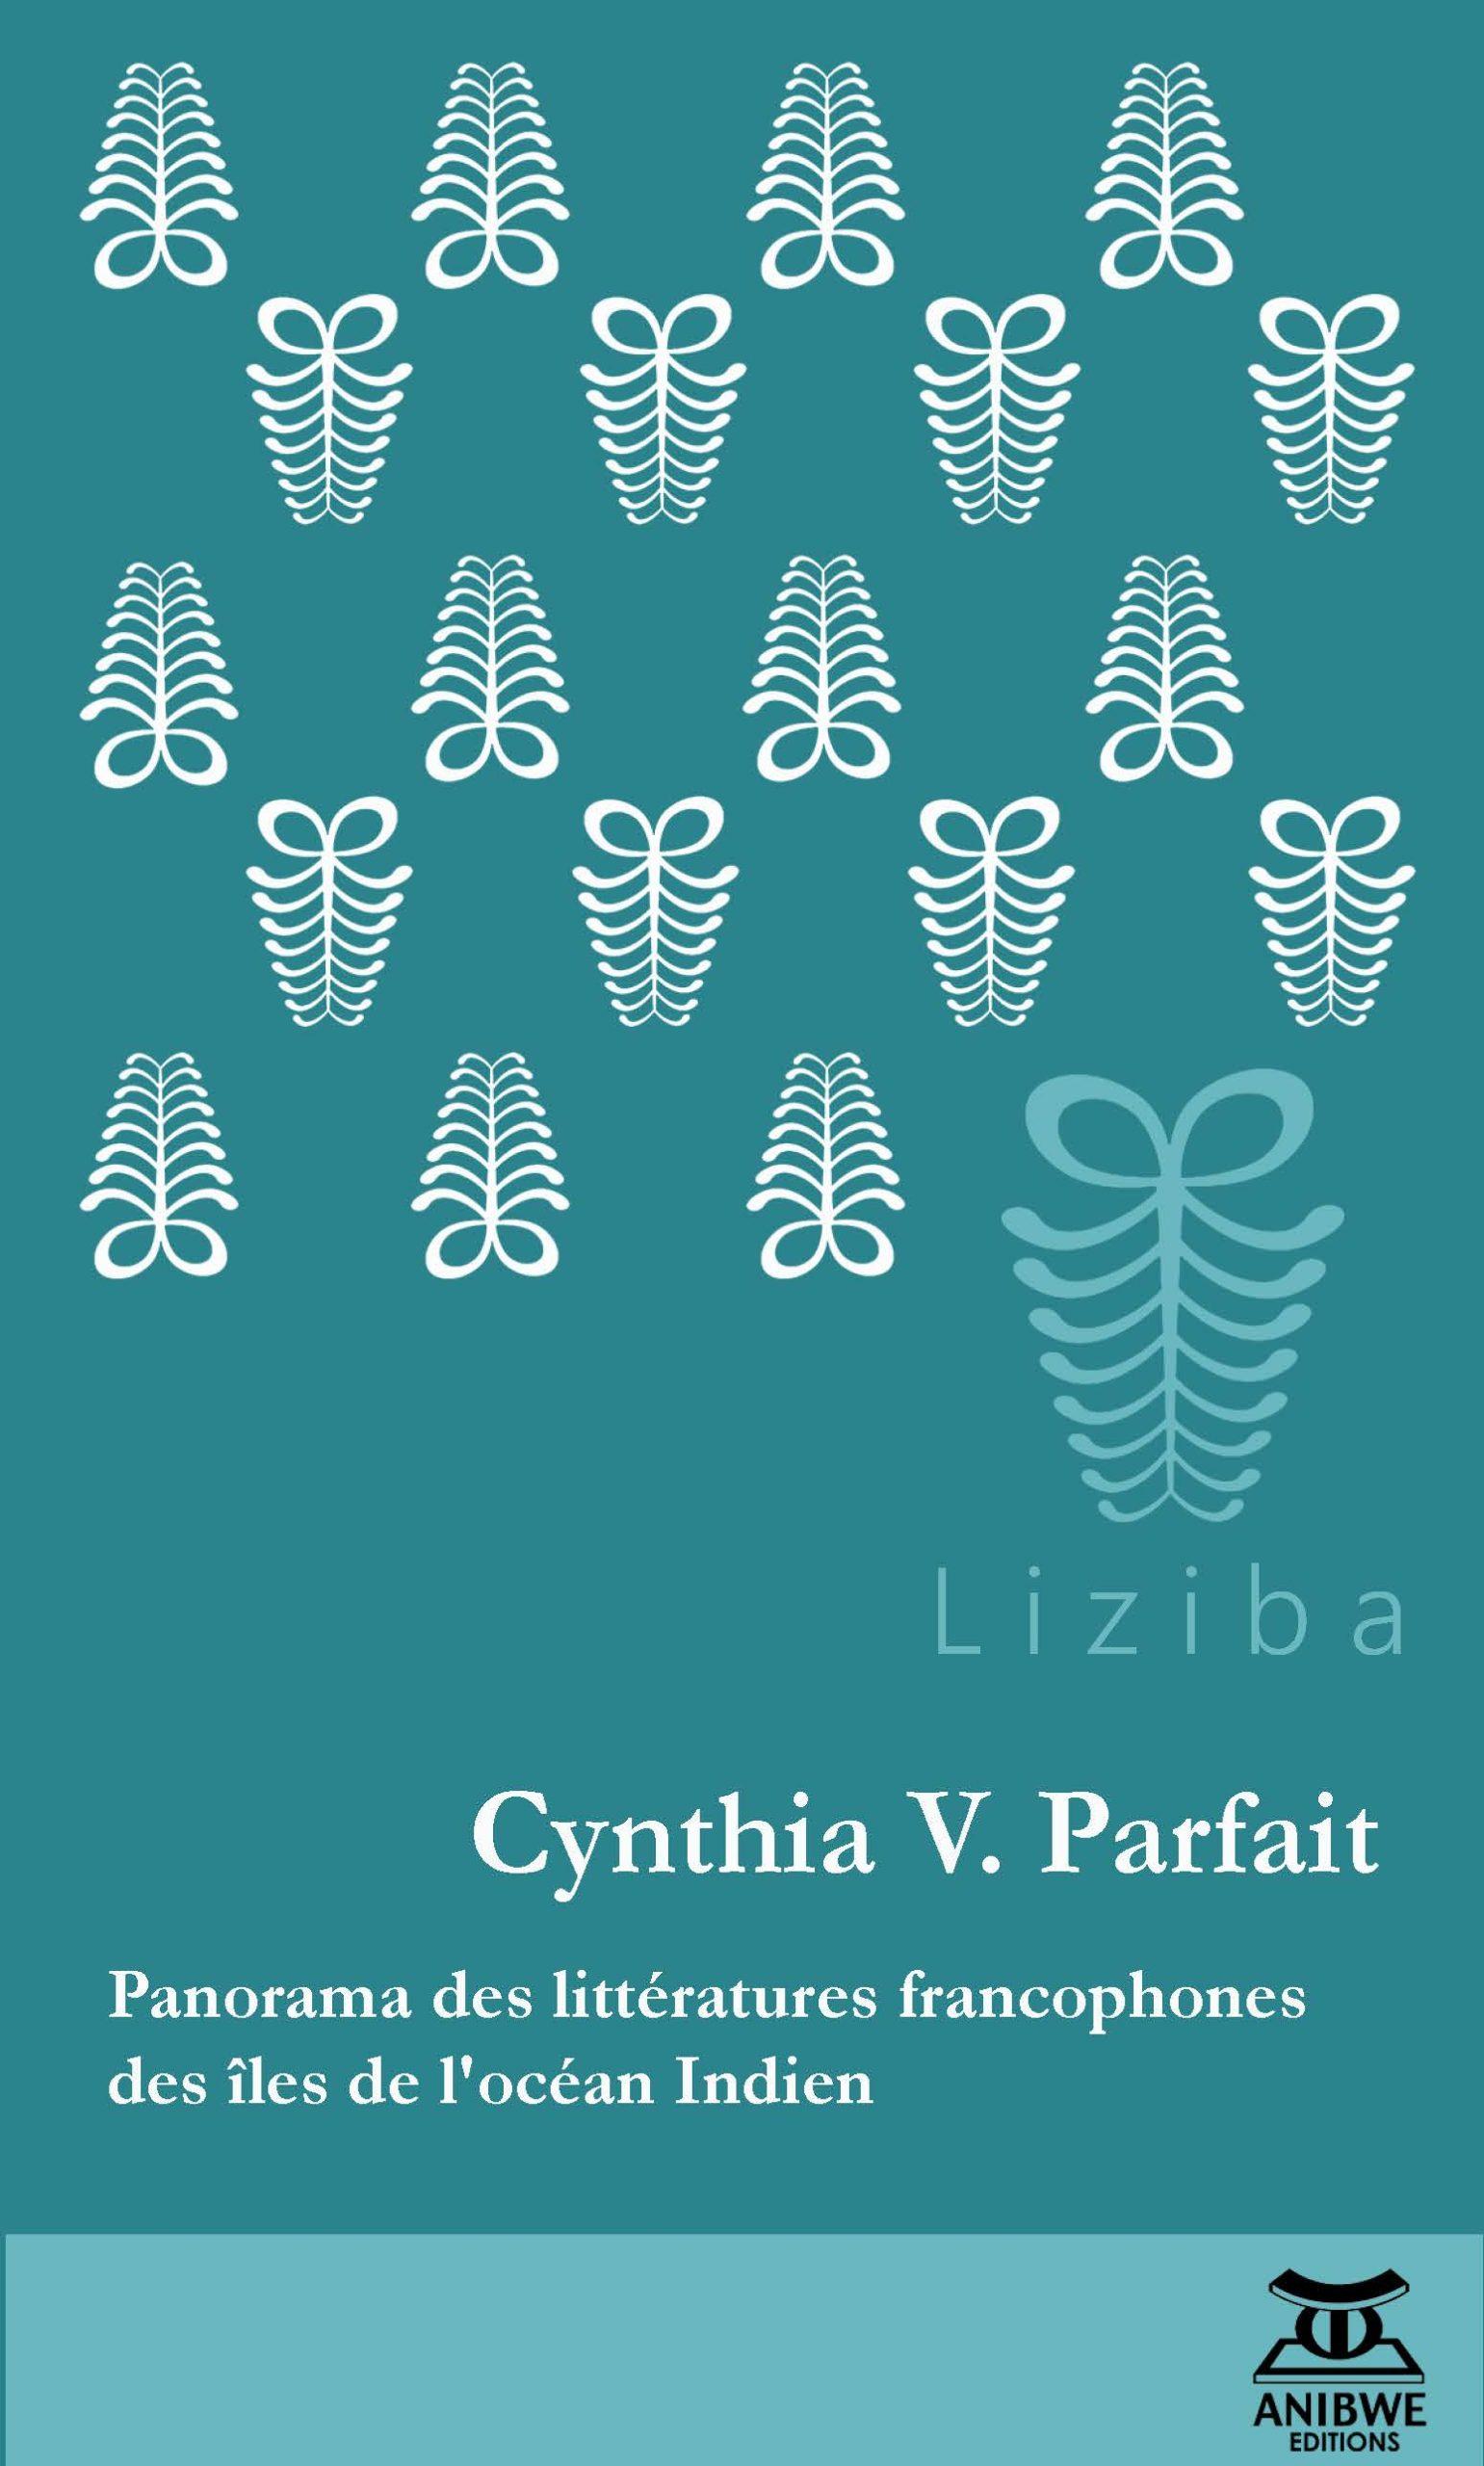 C. V. Parfait, Panorama des littératures francophones des îles de l'océan Indien